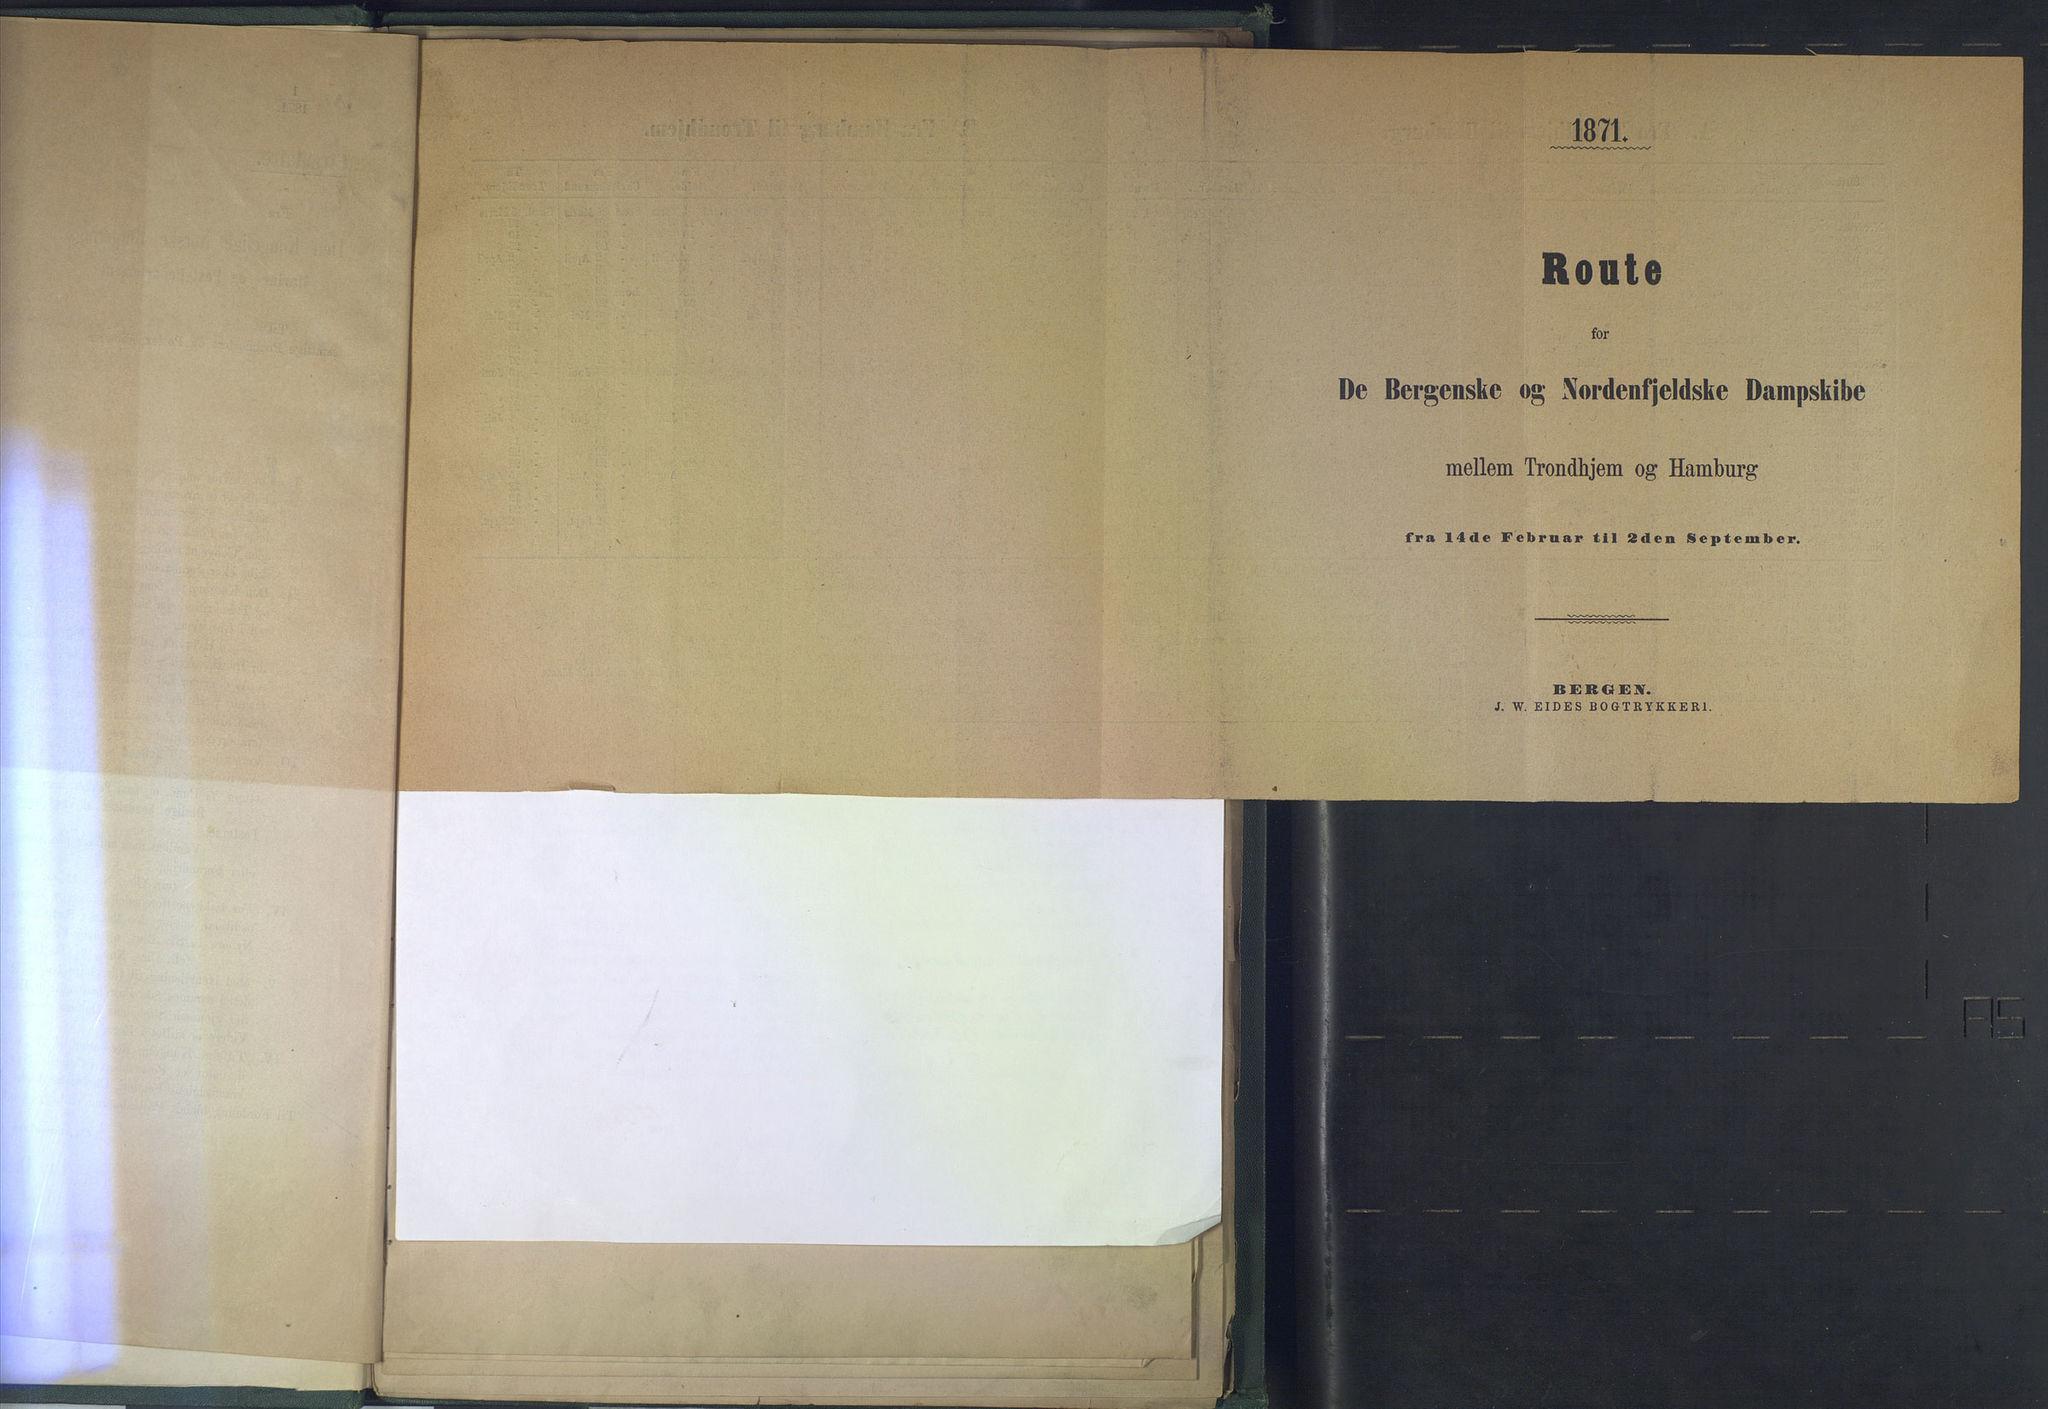 NOPO, Norges Postmuseums bibliotek, -/-: Sirkulærer fra Den Kongelige Norske Regjerings Marine- og Postdepartement, 1871